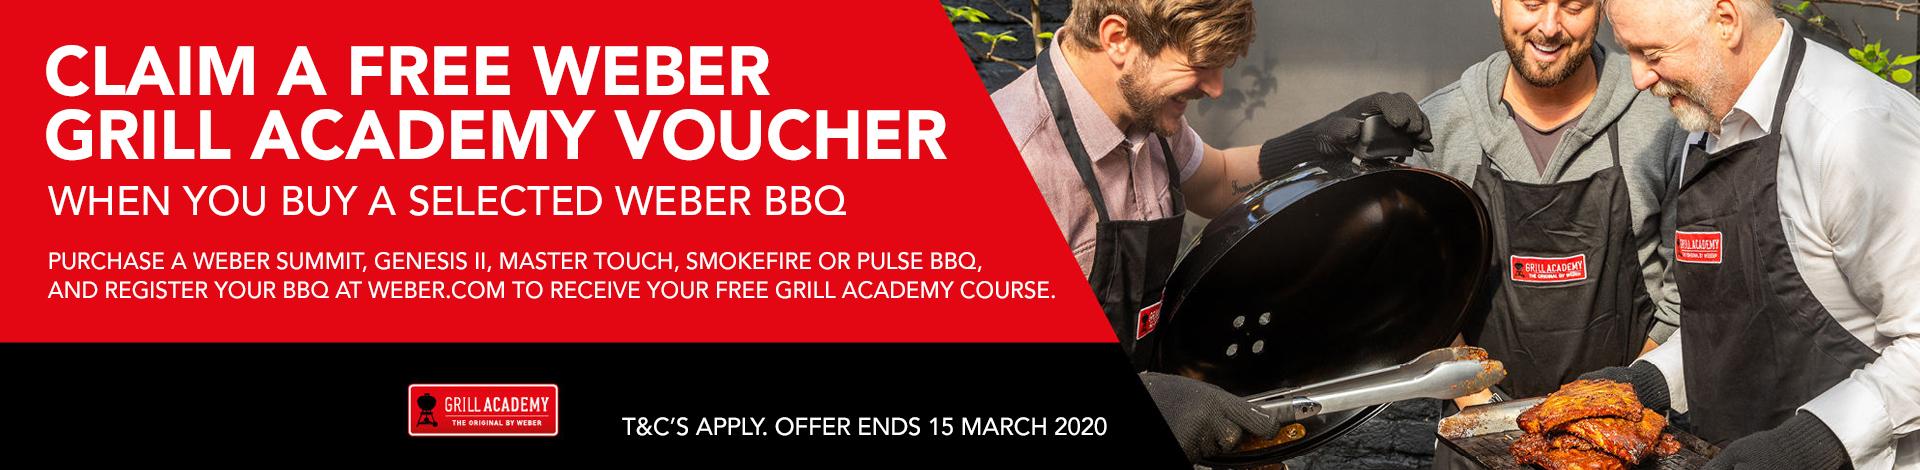 Claim a free Weber grill academy voucher